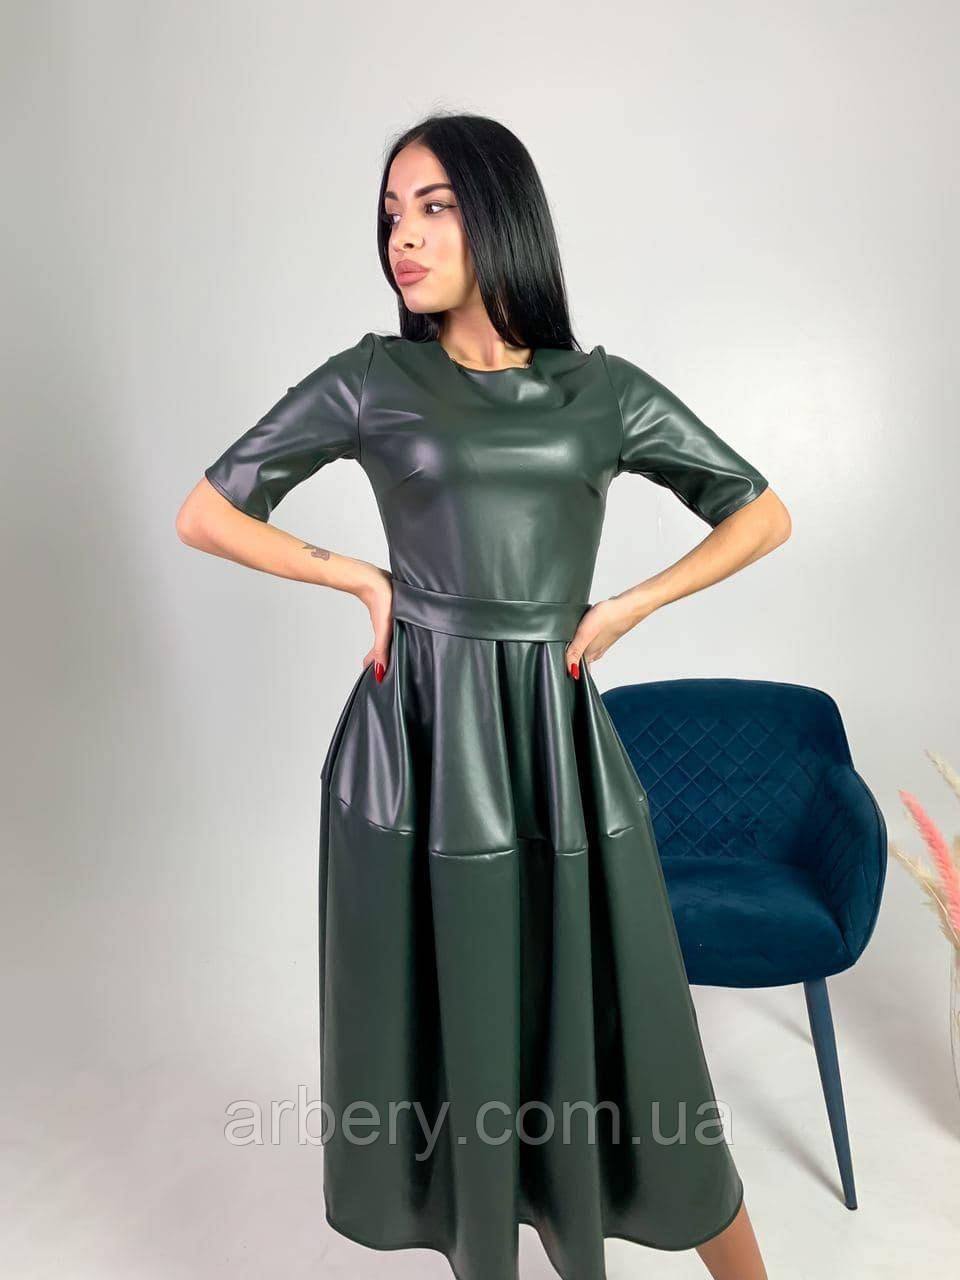 Женское кожаное платье с обьемной юбкой